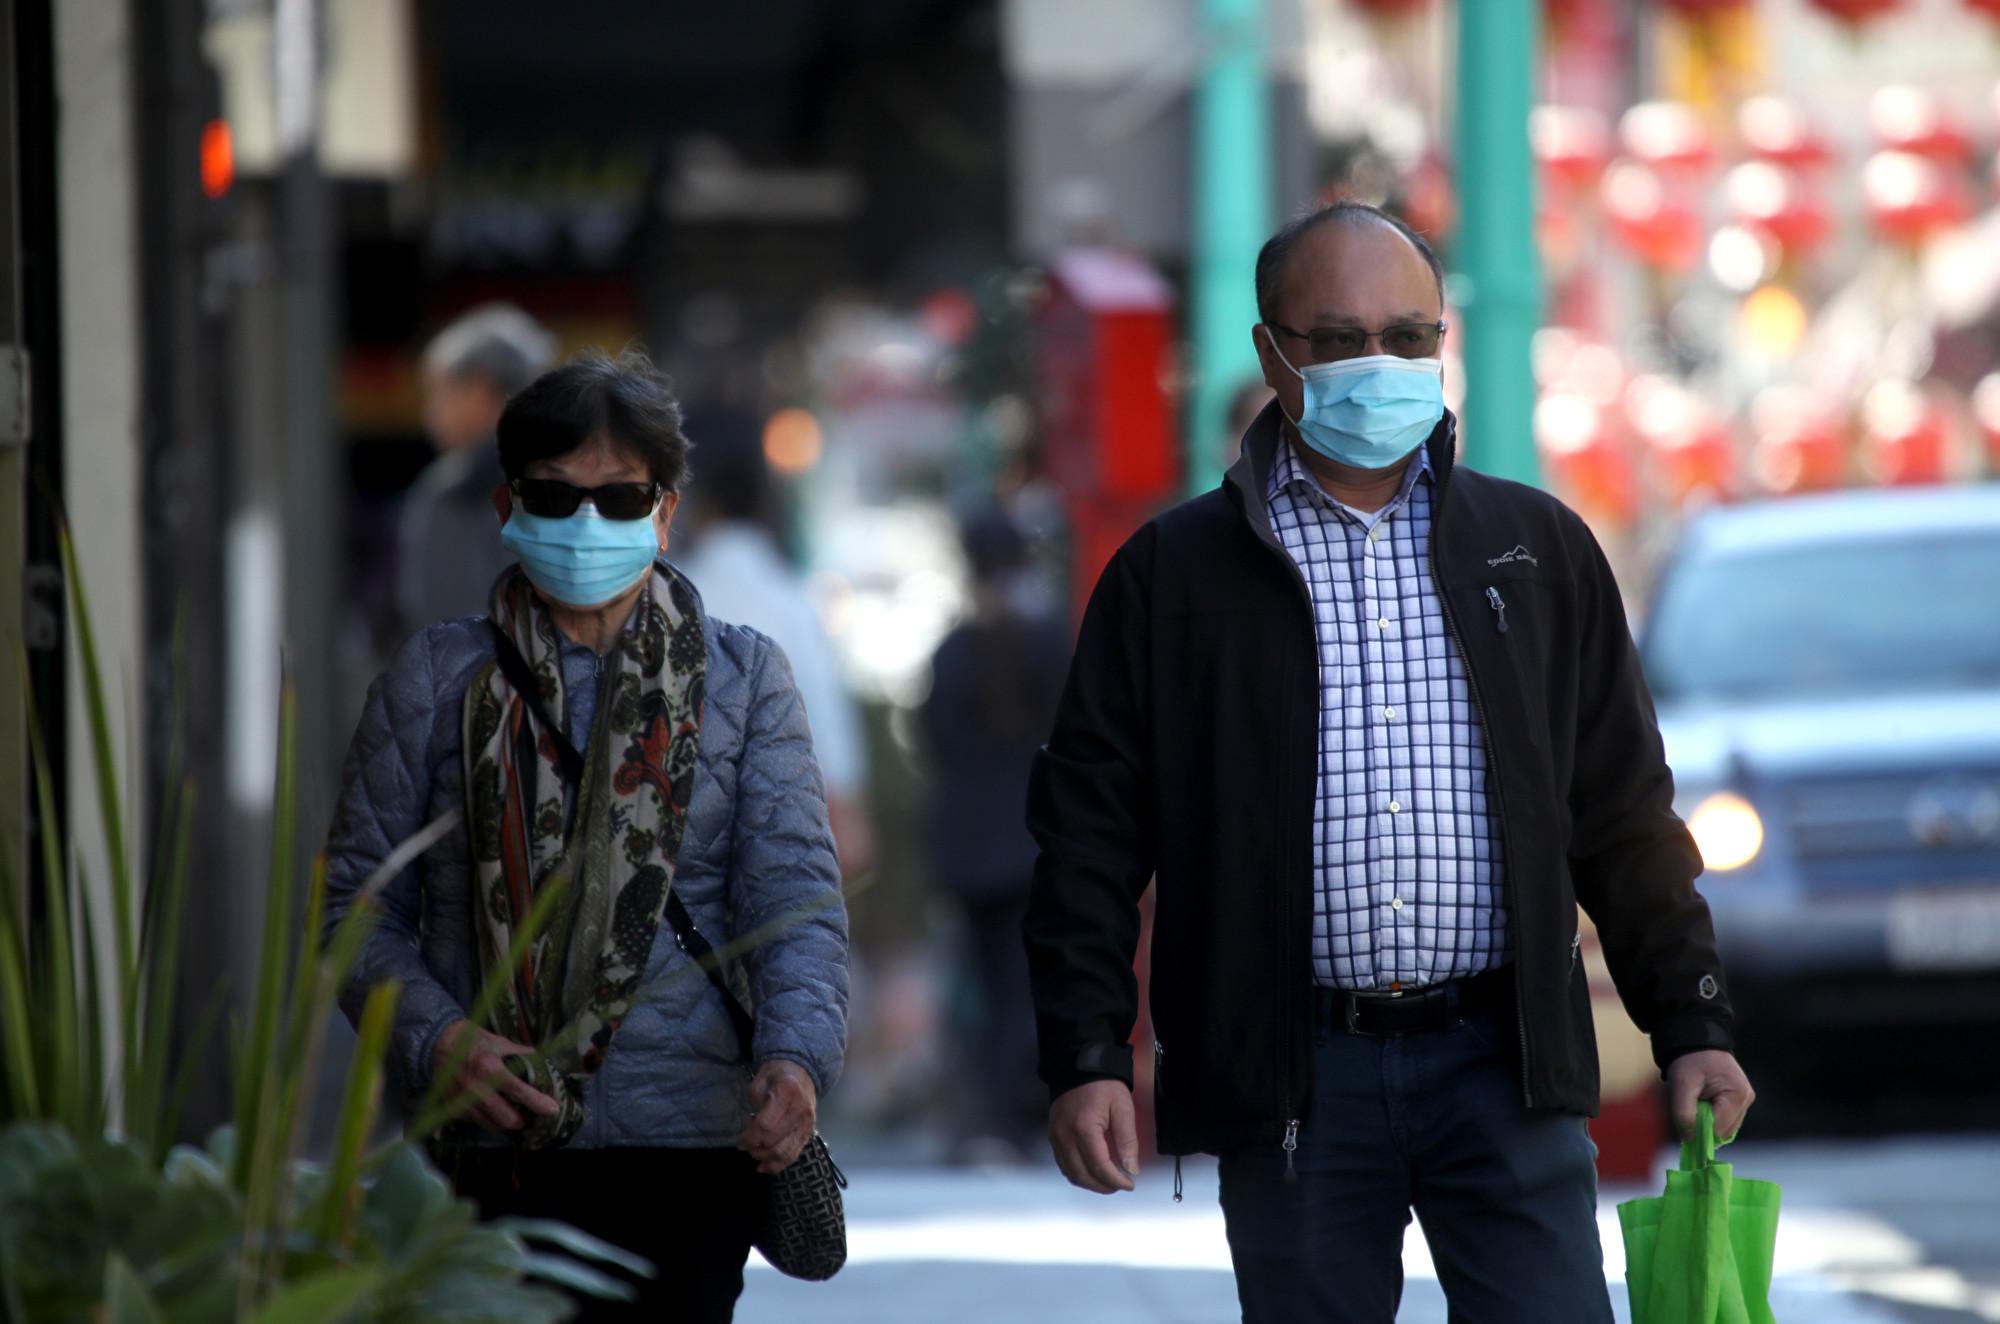 加州女士感染中共病毒 重病住院11天才確診